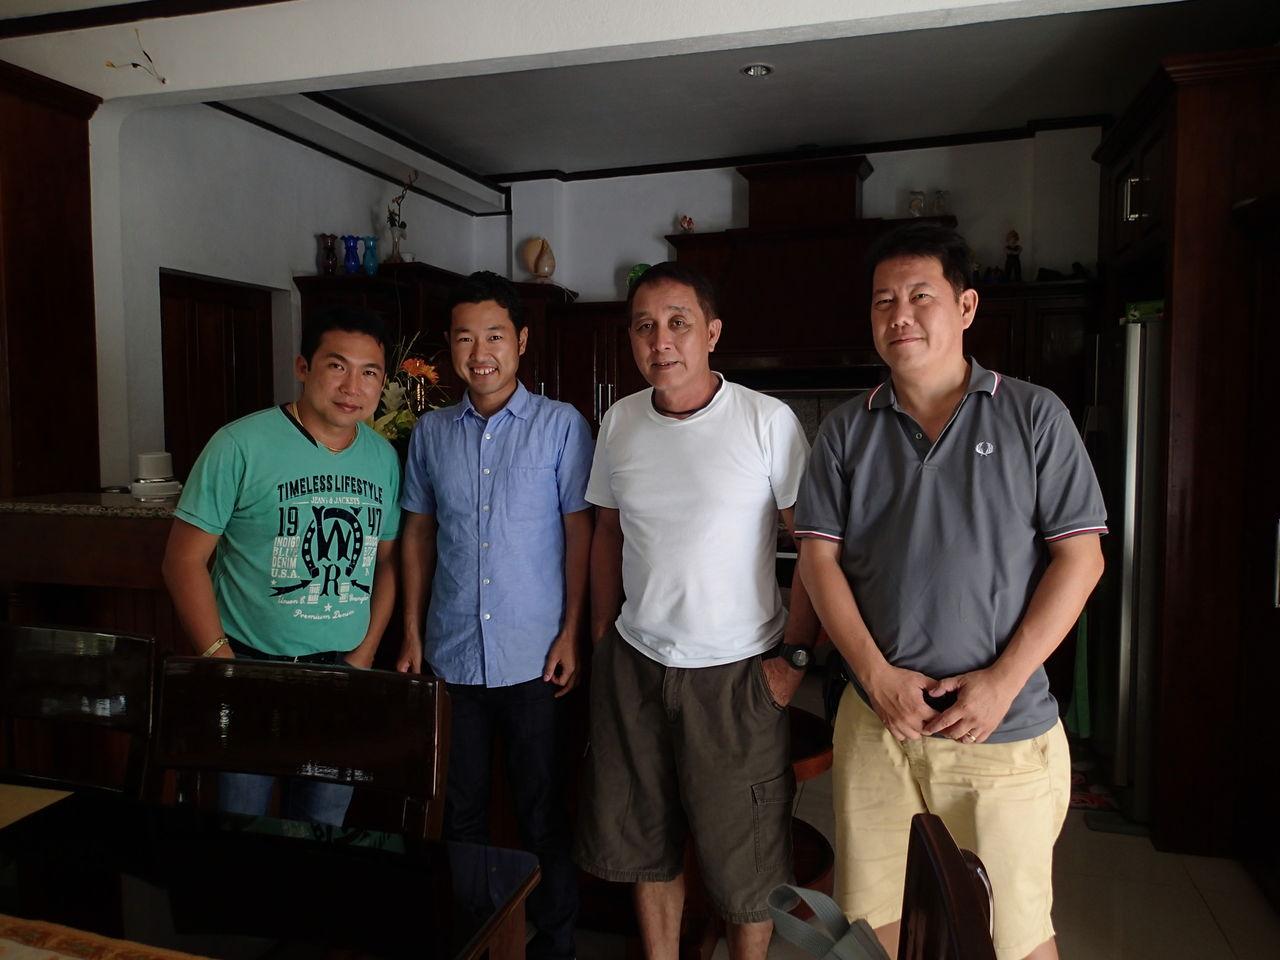 ドゥマゲッティで日本の高校の修学旅行をやるプロジェクト